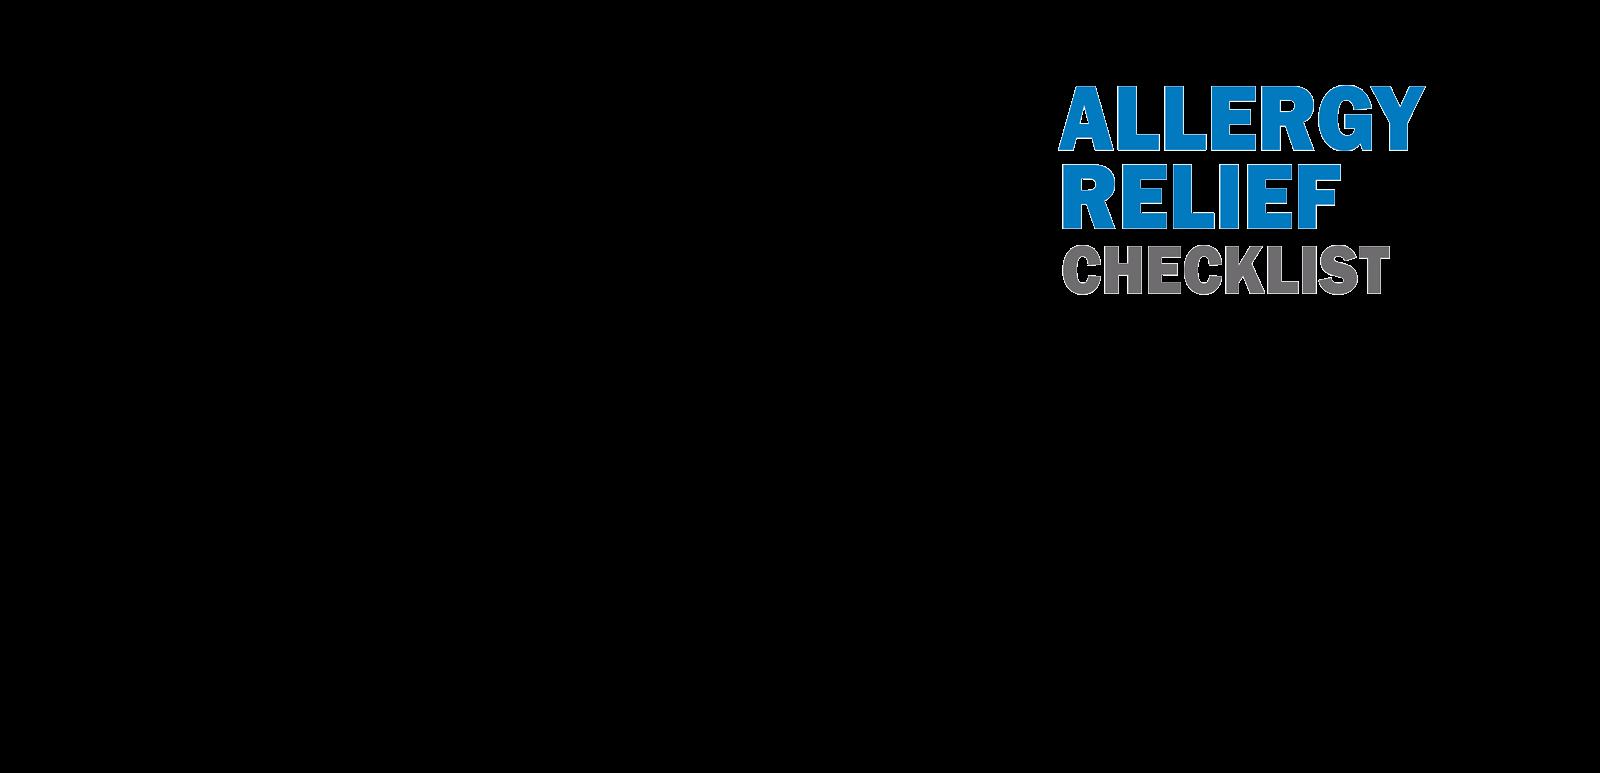 Allergy Relief Checklist